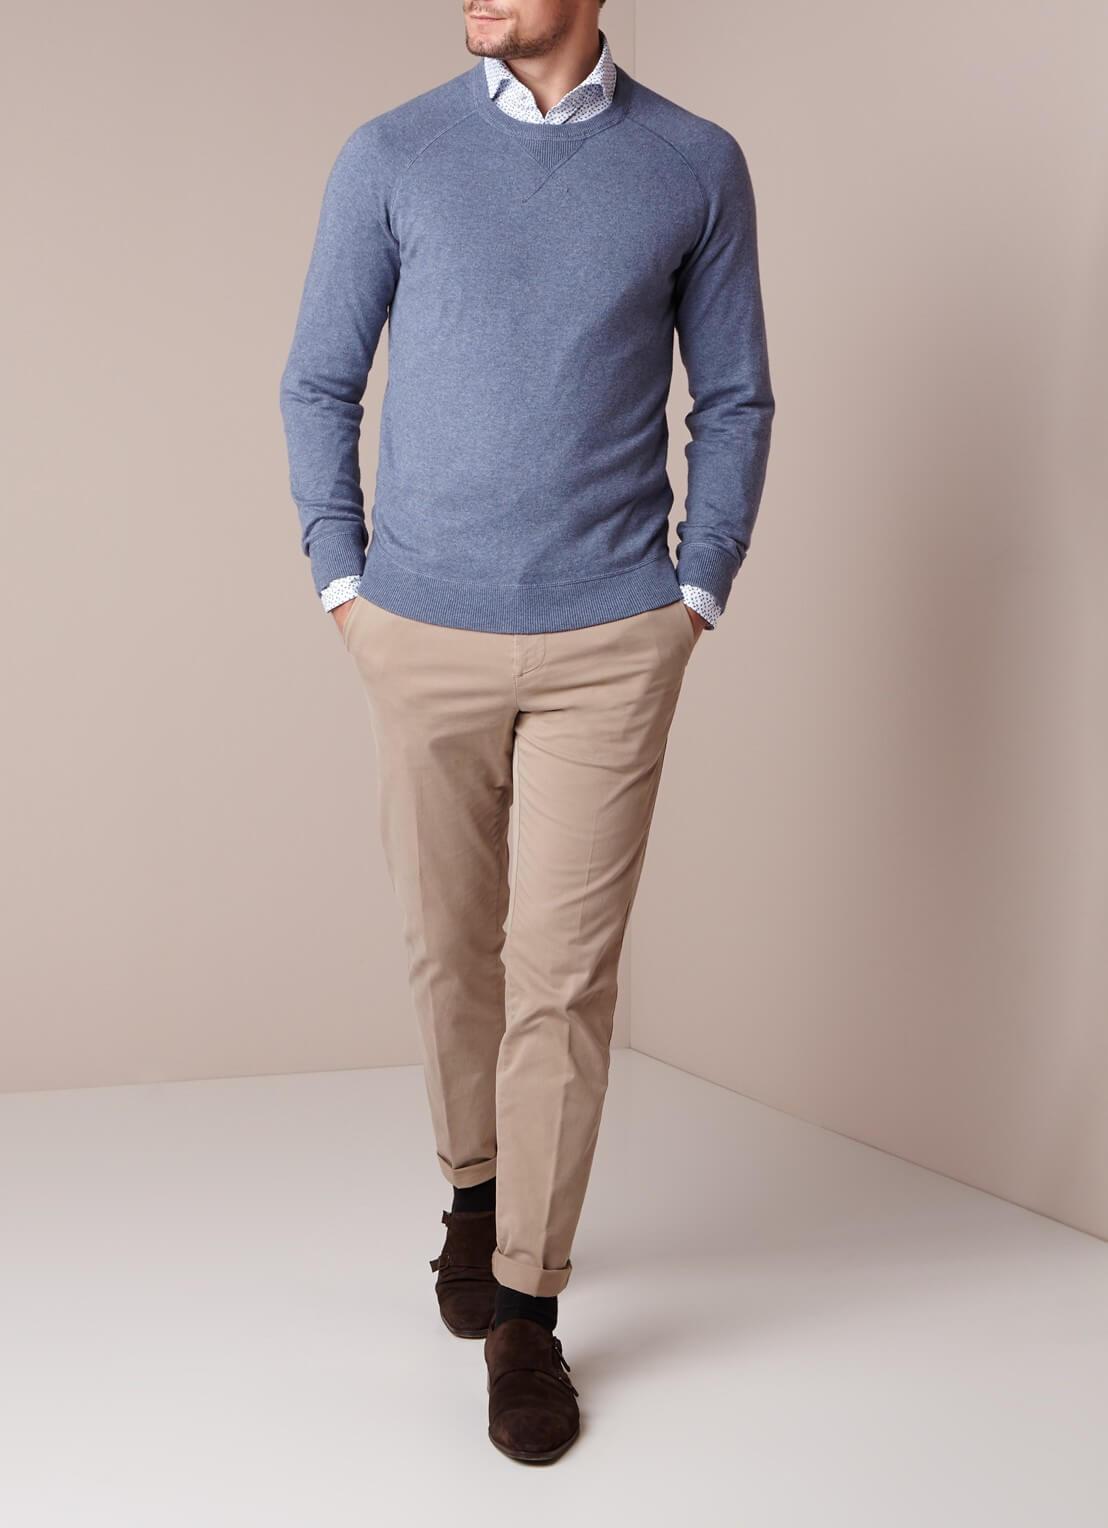 Mixed wear 1 - Mr.Draper